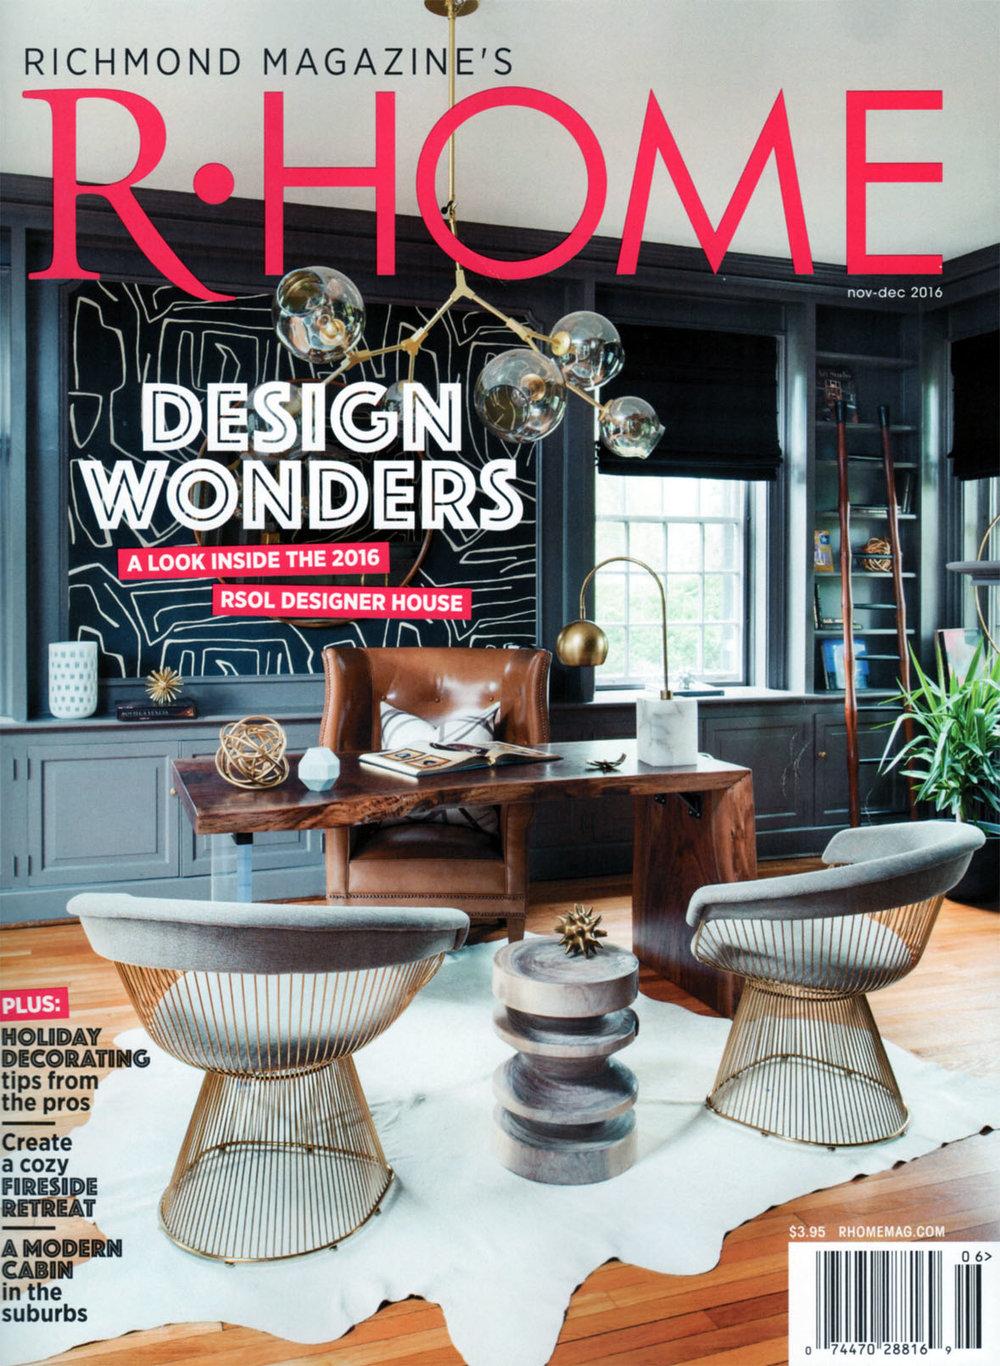 R-home_cover_NovDec2016.jpg